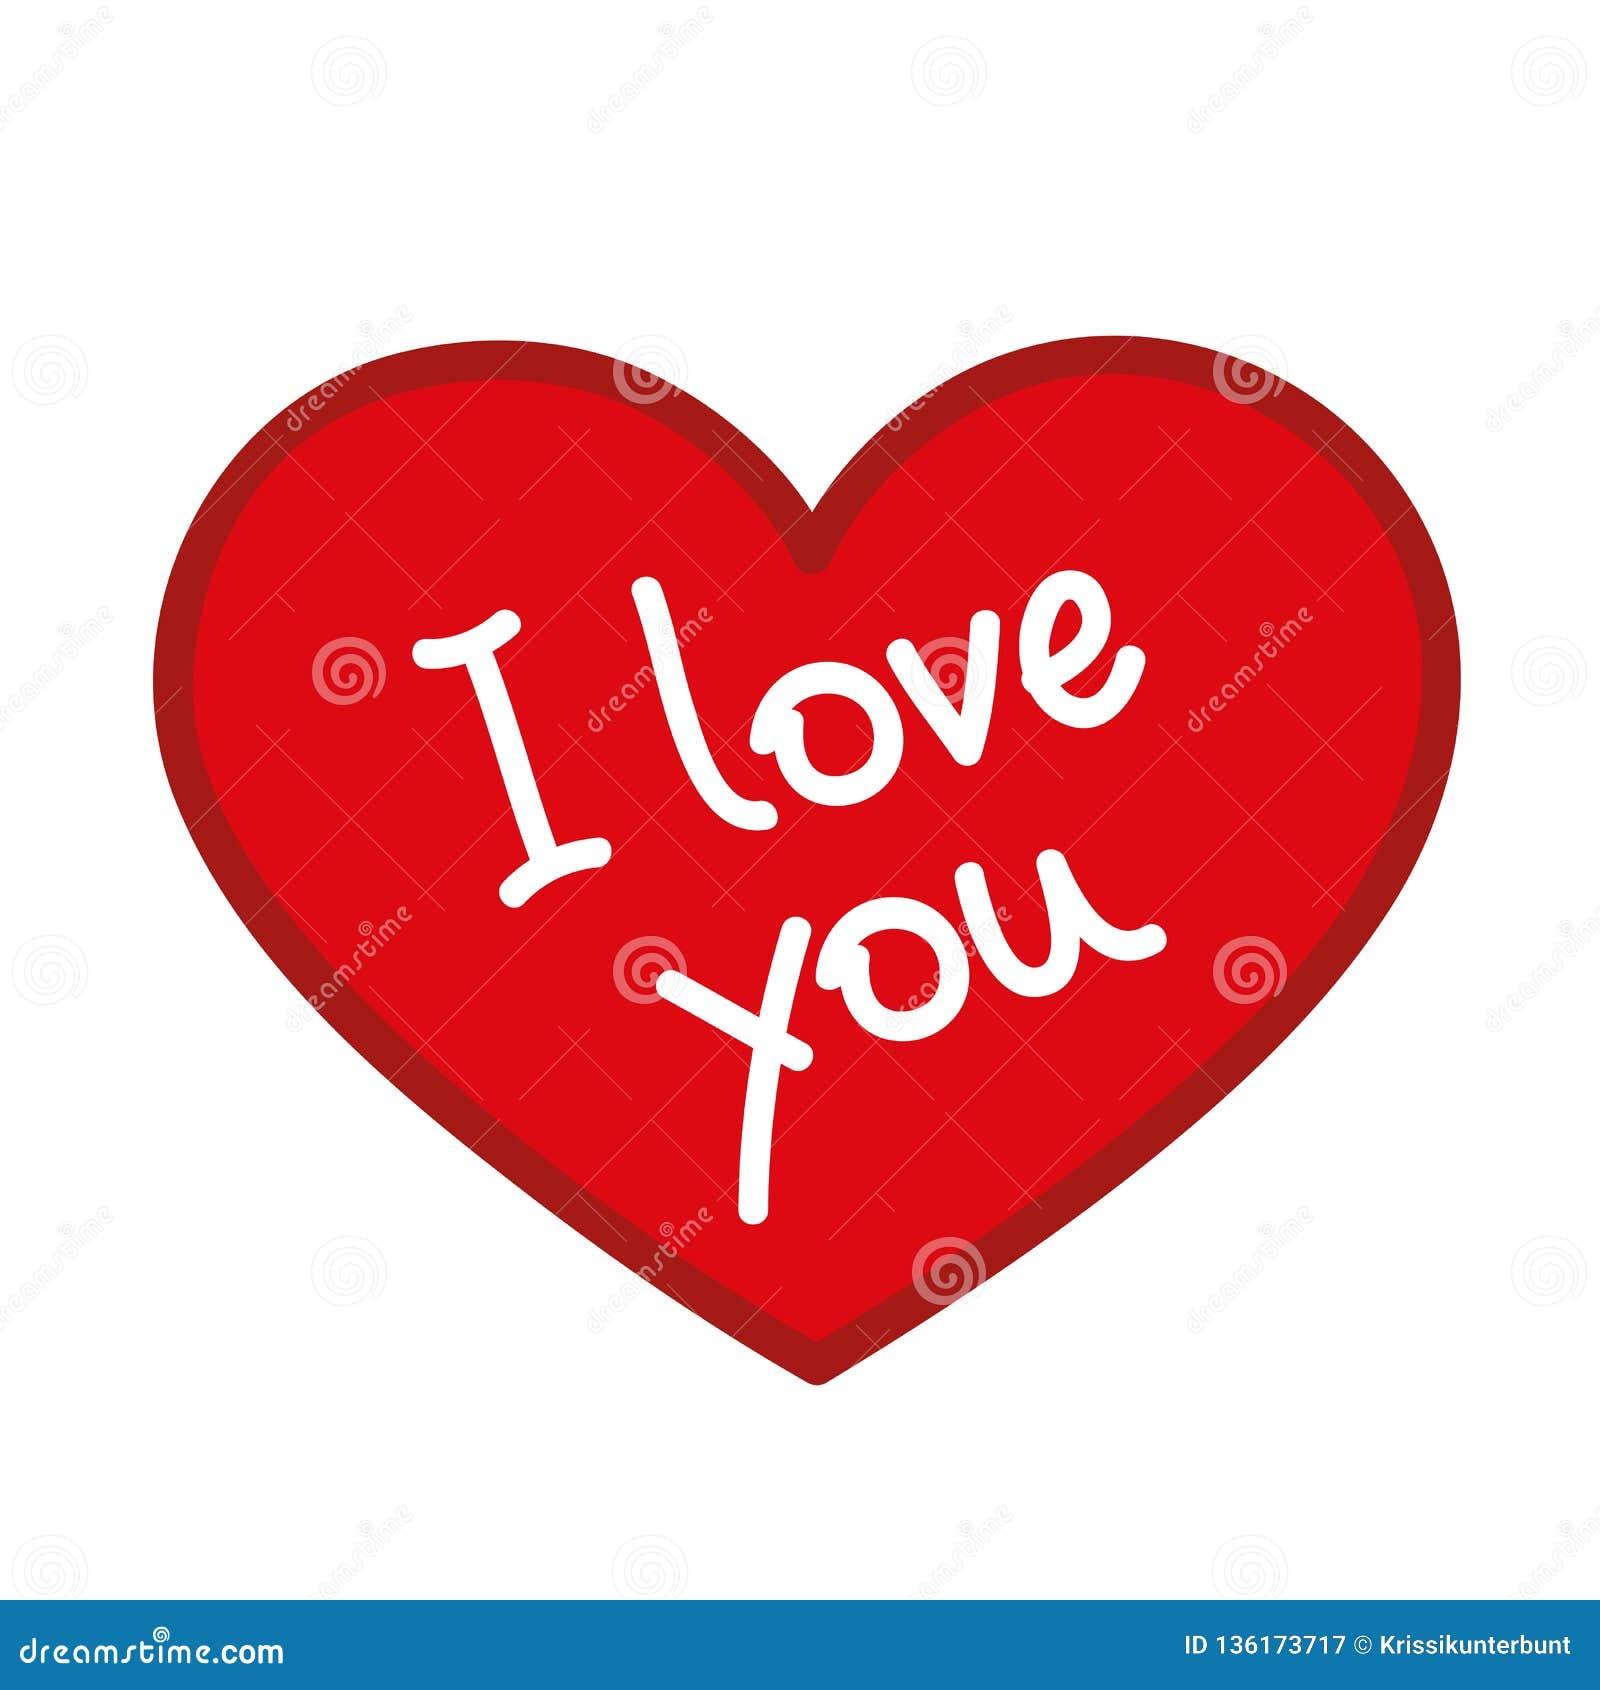 Rotes Herz Mit Ich Liebe Dich Text Vektor Abbildung